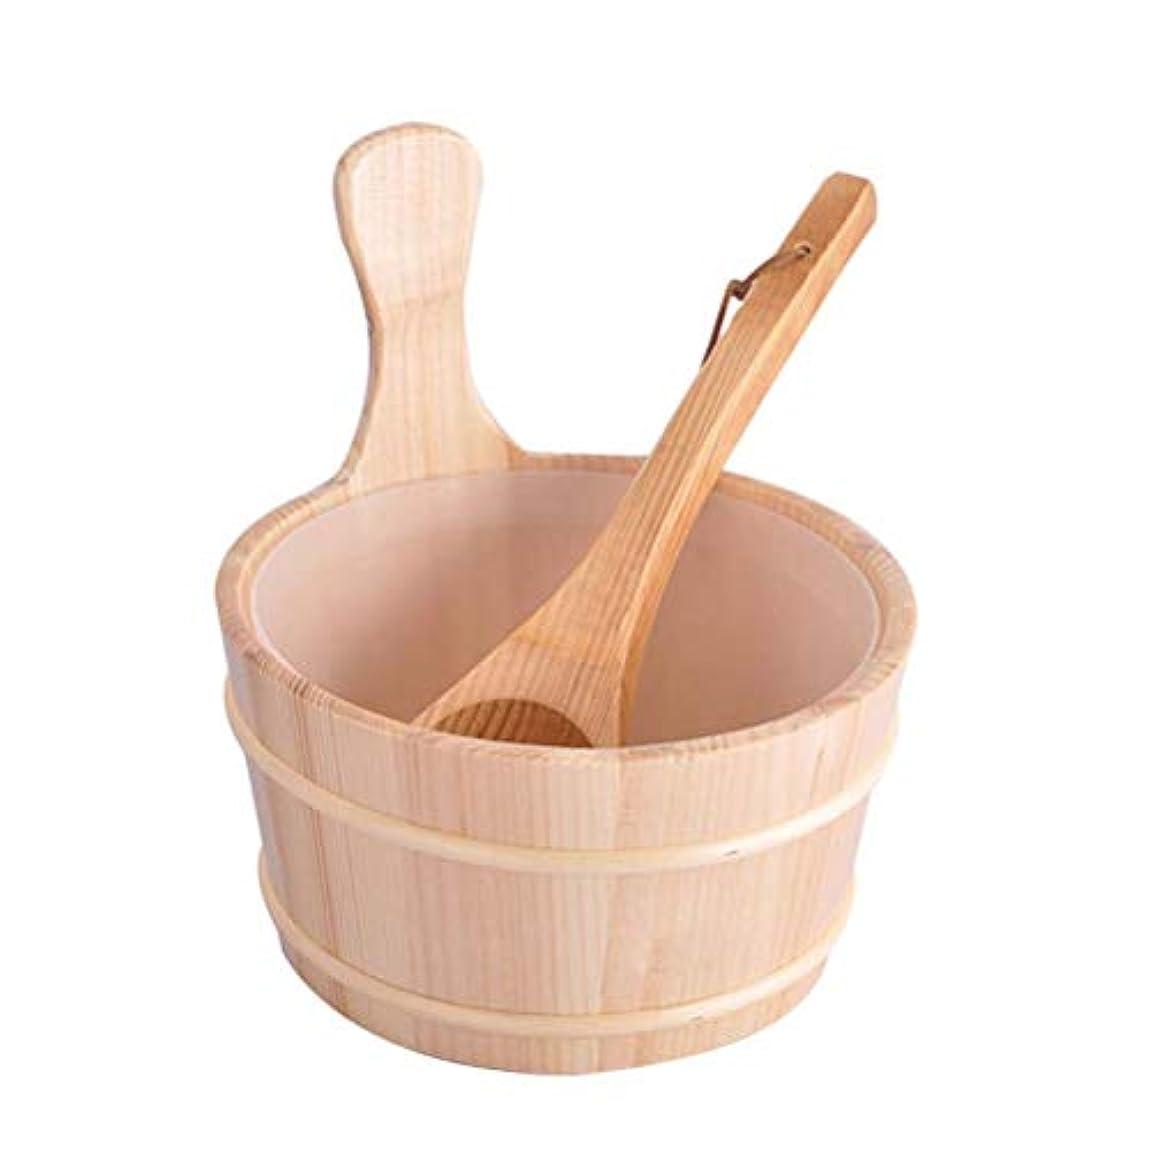 血統なめらか事業内容Healifty 2個入りサウナ木製バケツとひしゃくキットサウナとサウナルーム用のライナー付きスパバケット(ニュートラルスタイル)